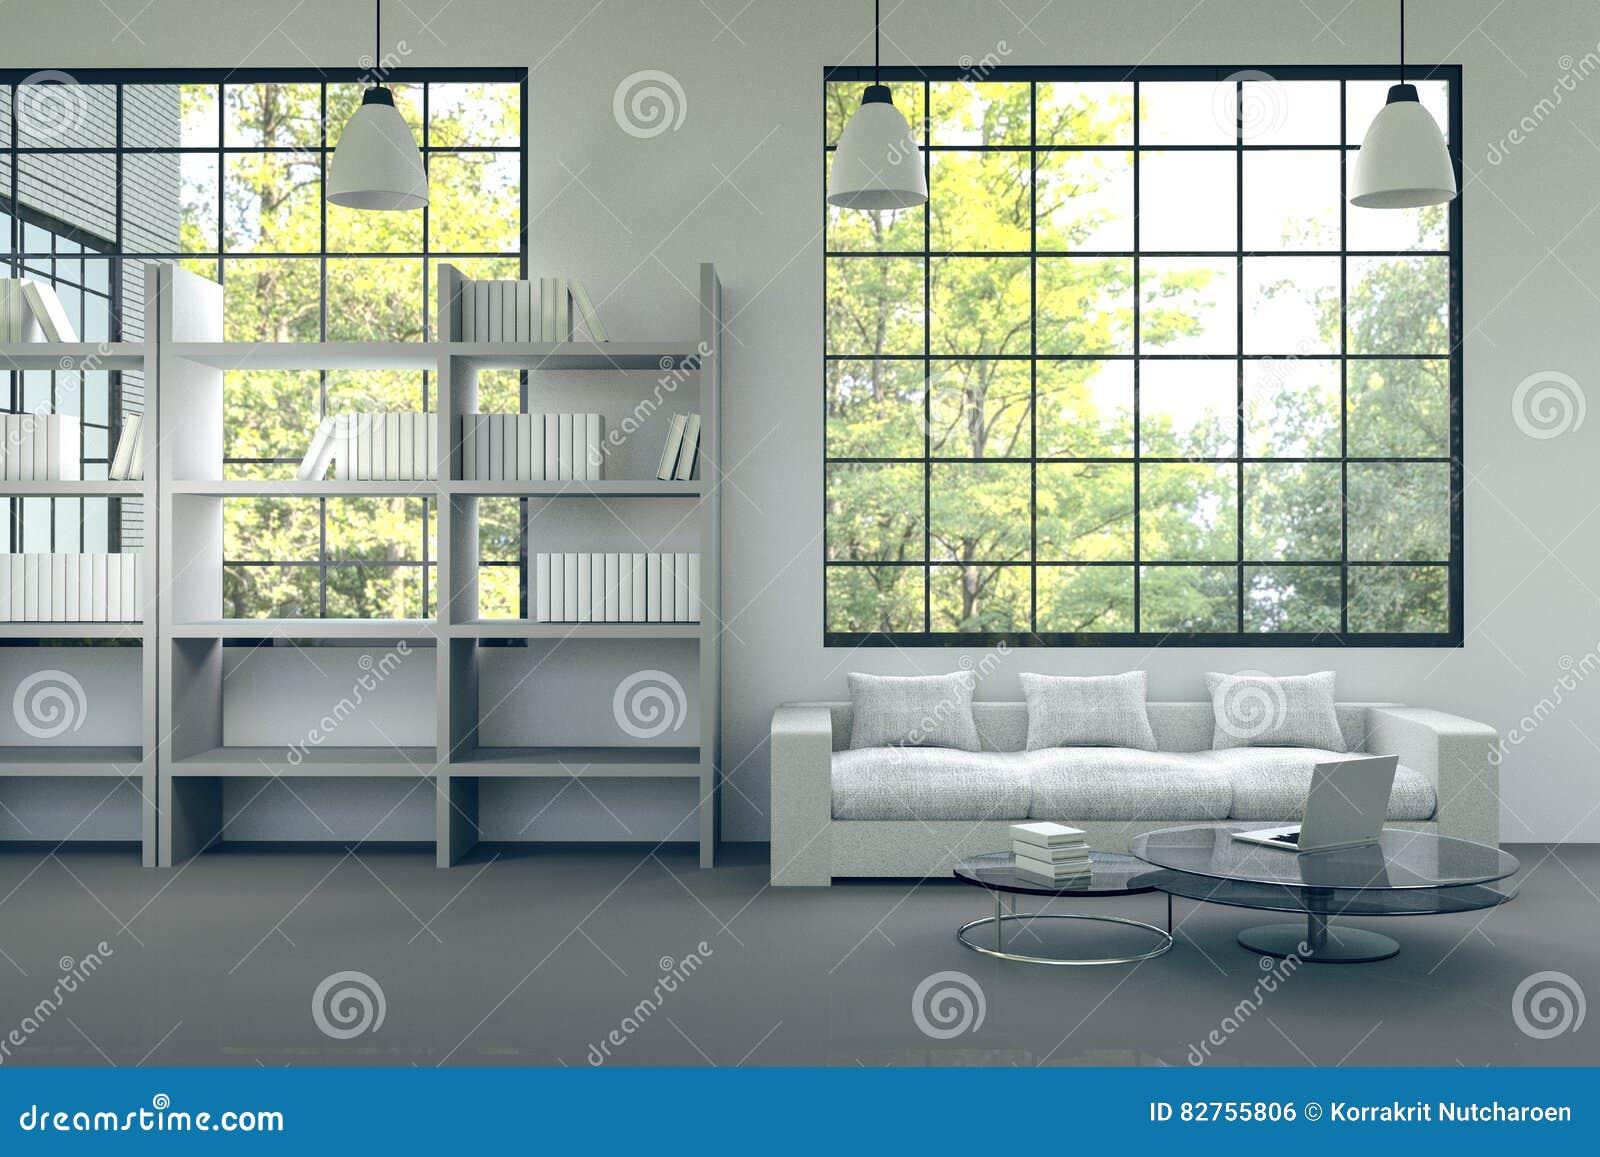 Rendu 3D : Illustration D\'intérieur Moderne De Maison Pièce De Salon ...